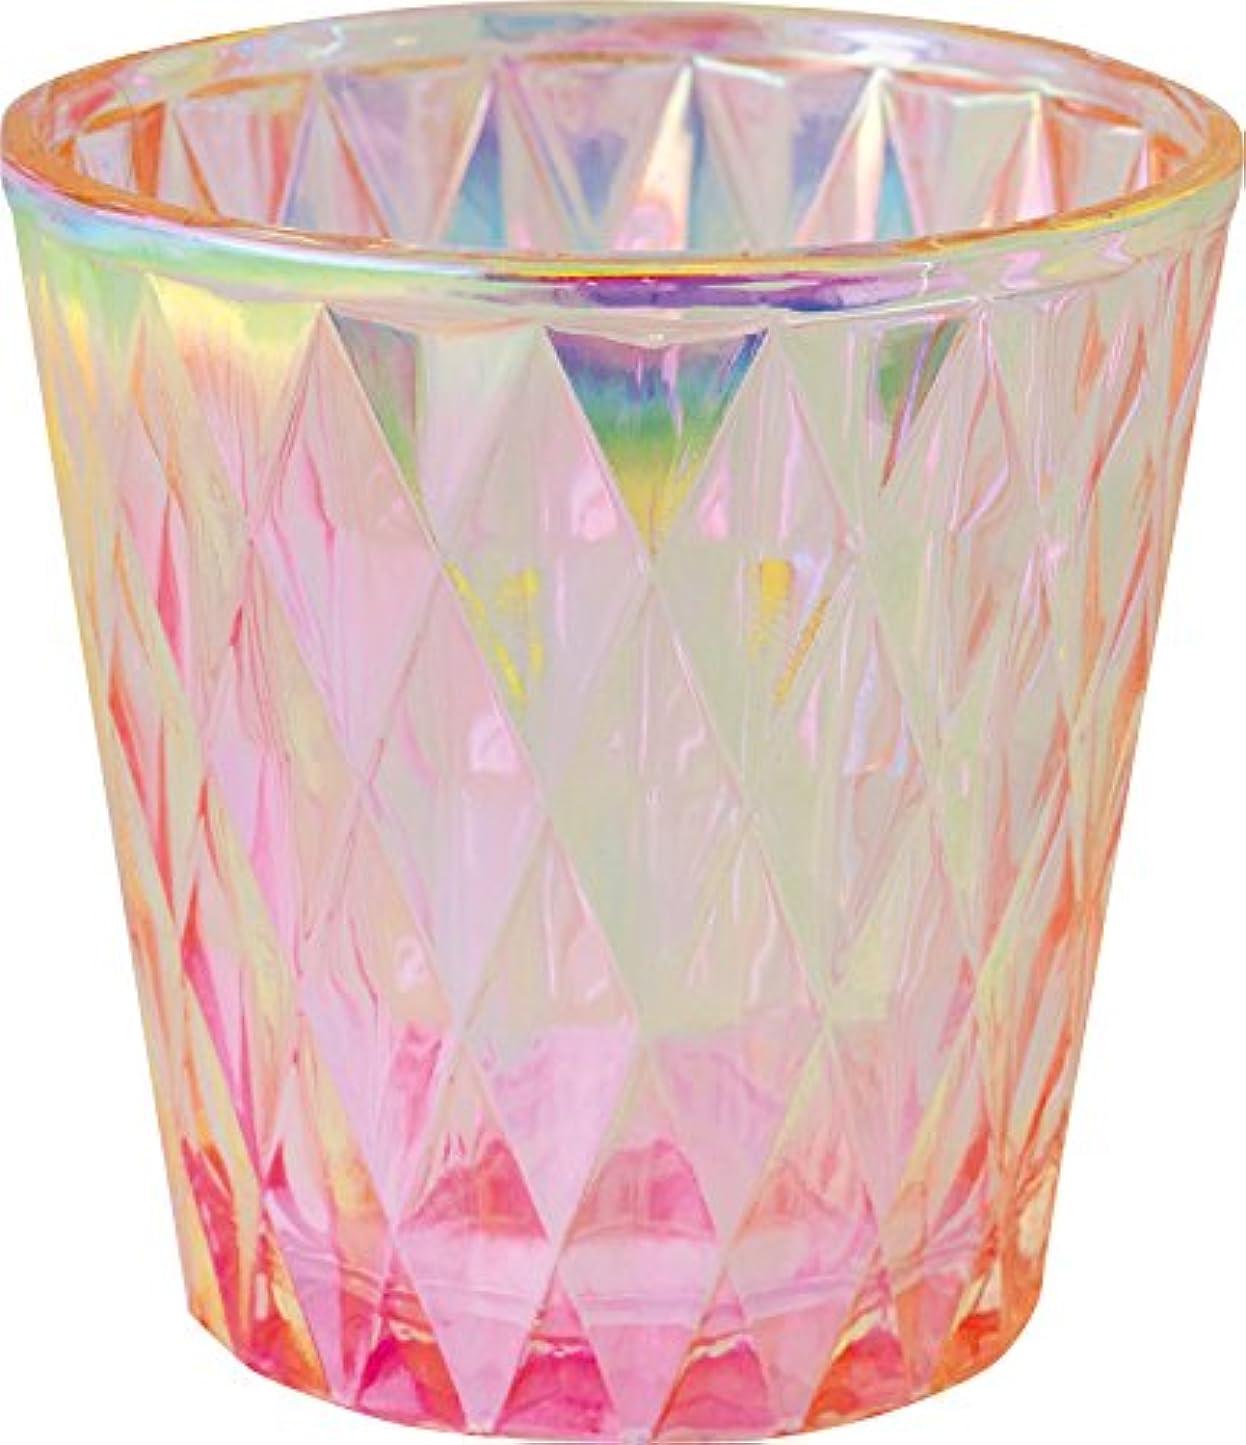 小屋機械実質的にカメヤマキャンドルハウス オーロラダイヤグラス キャンドルフォルダー ピンク